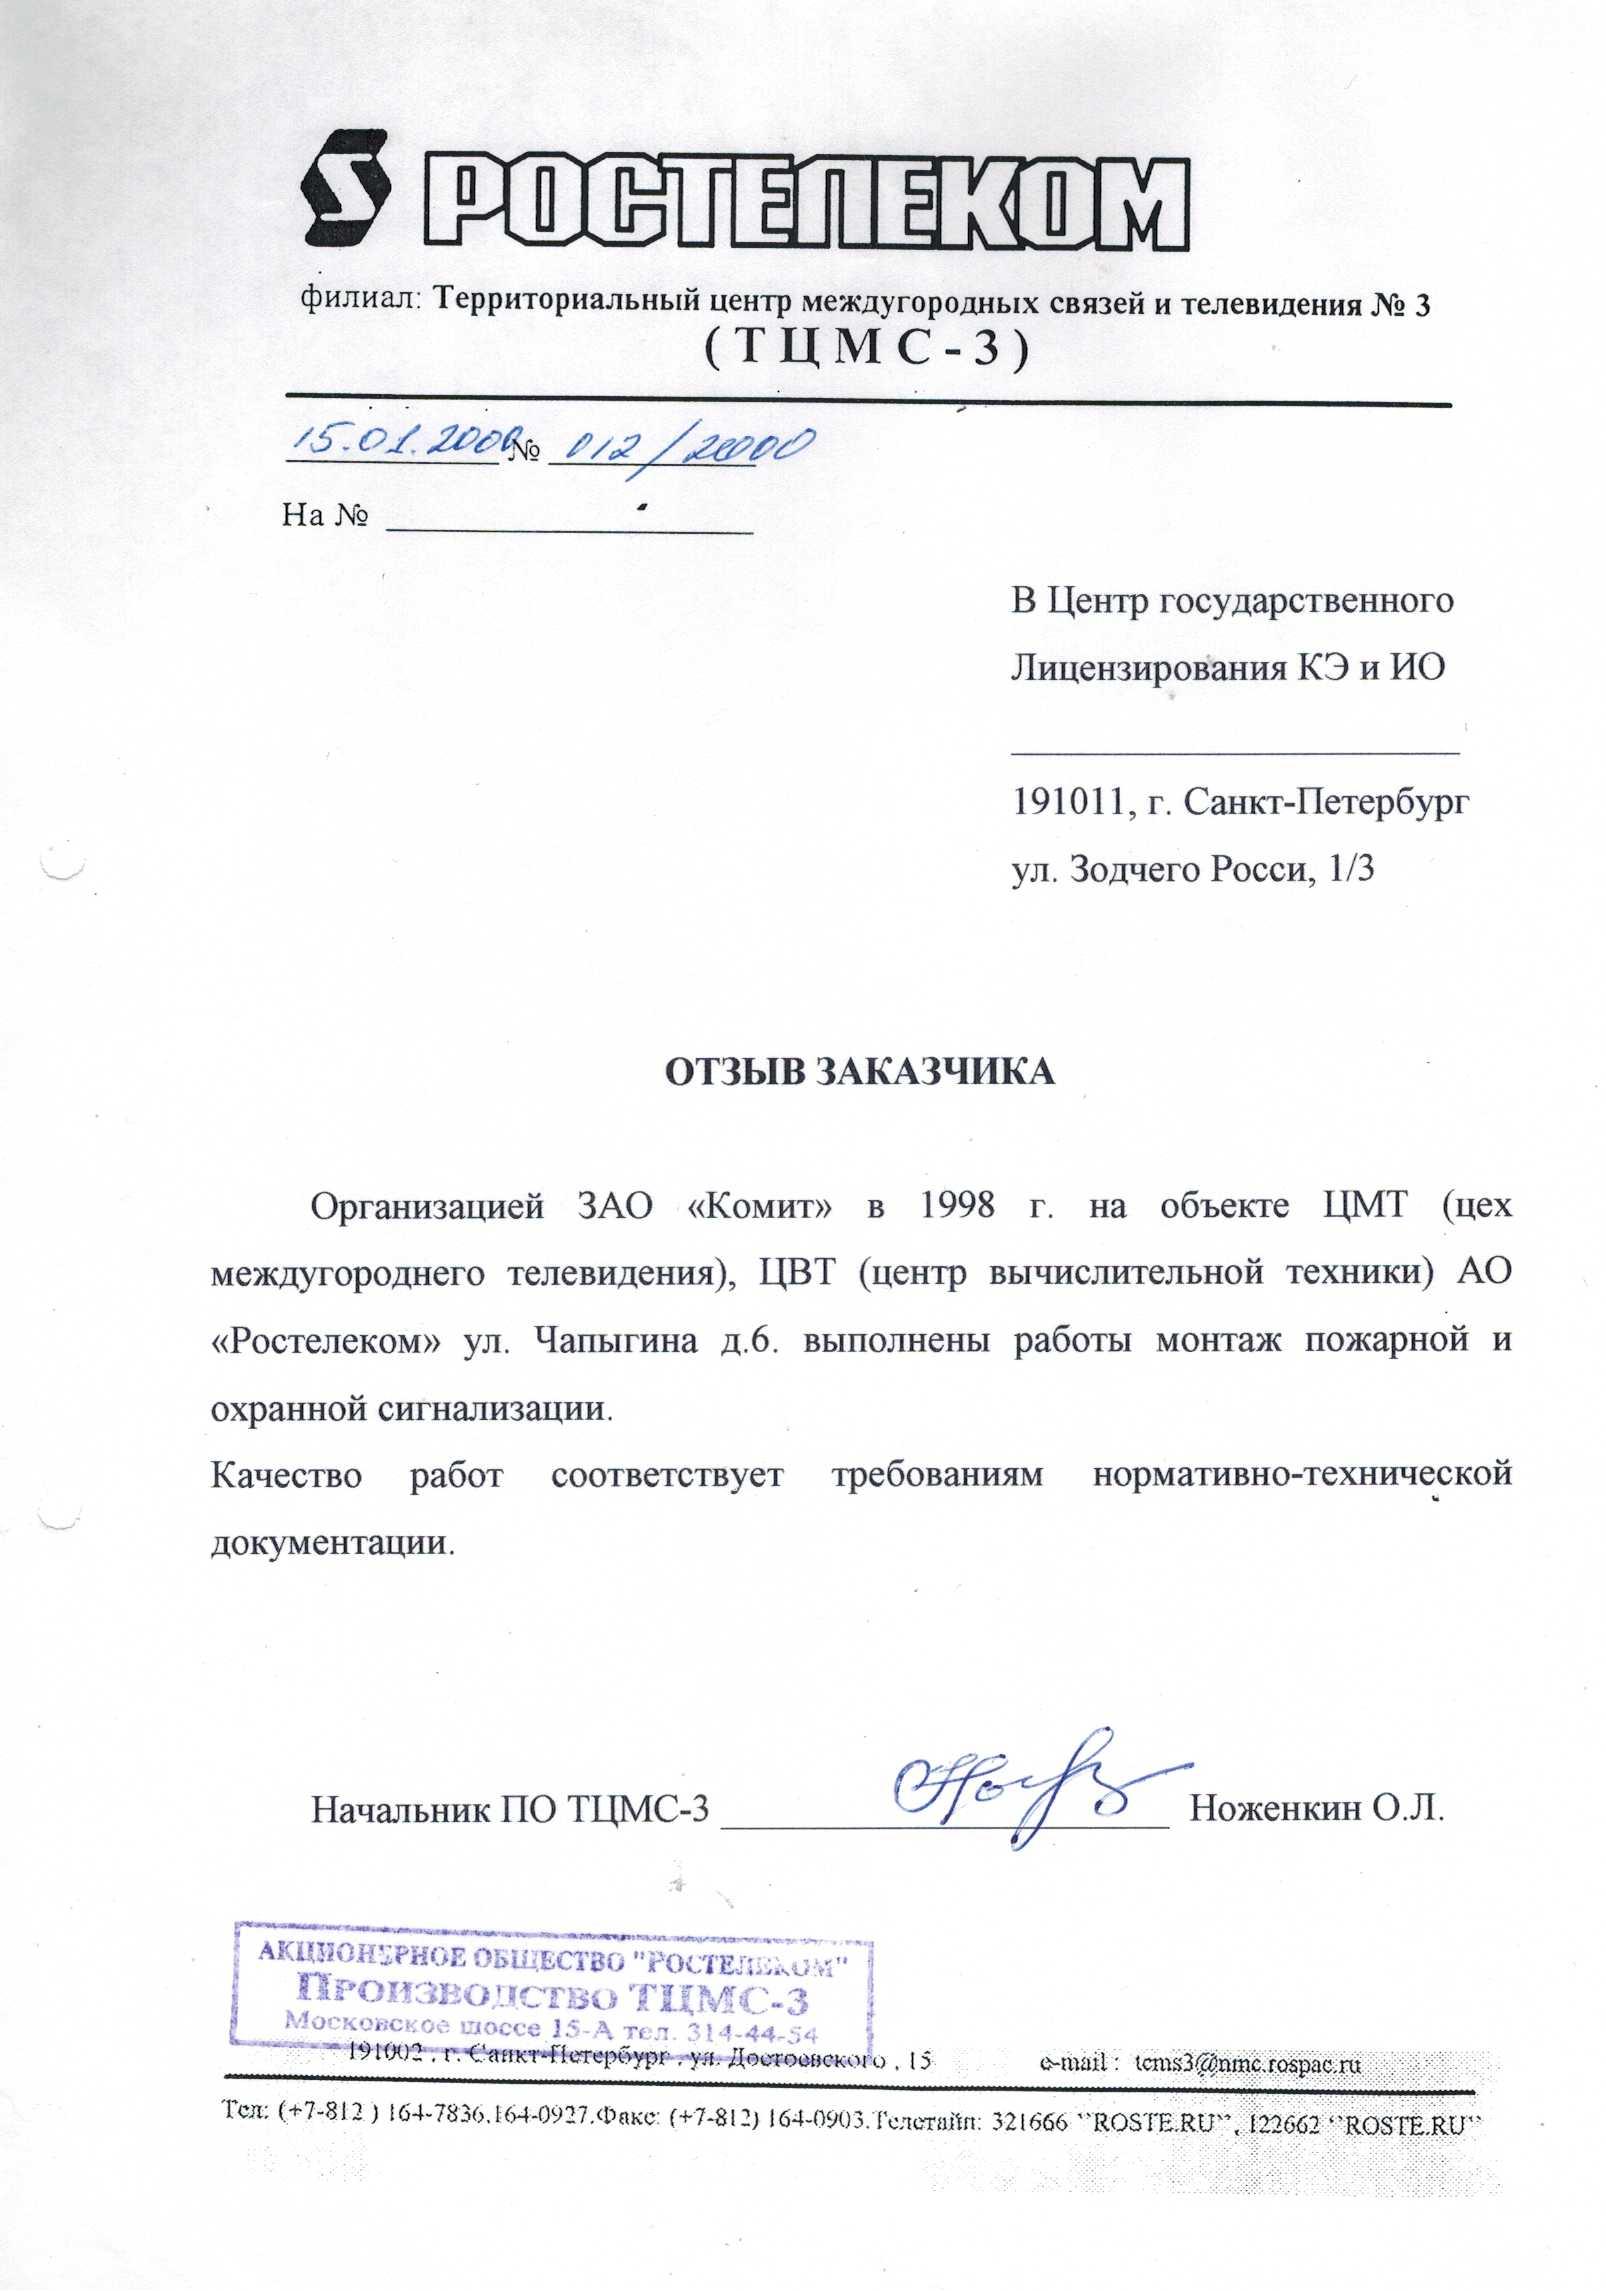 фото отзыва о нашей компании от Ростелеком